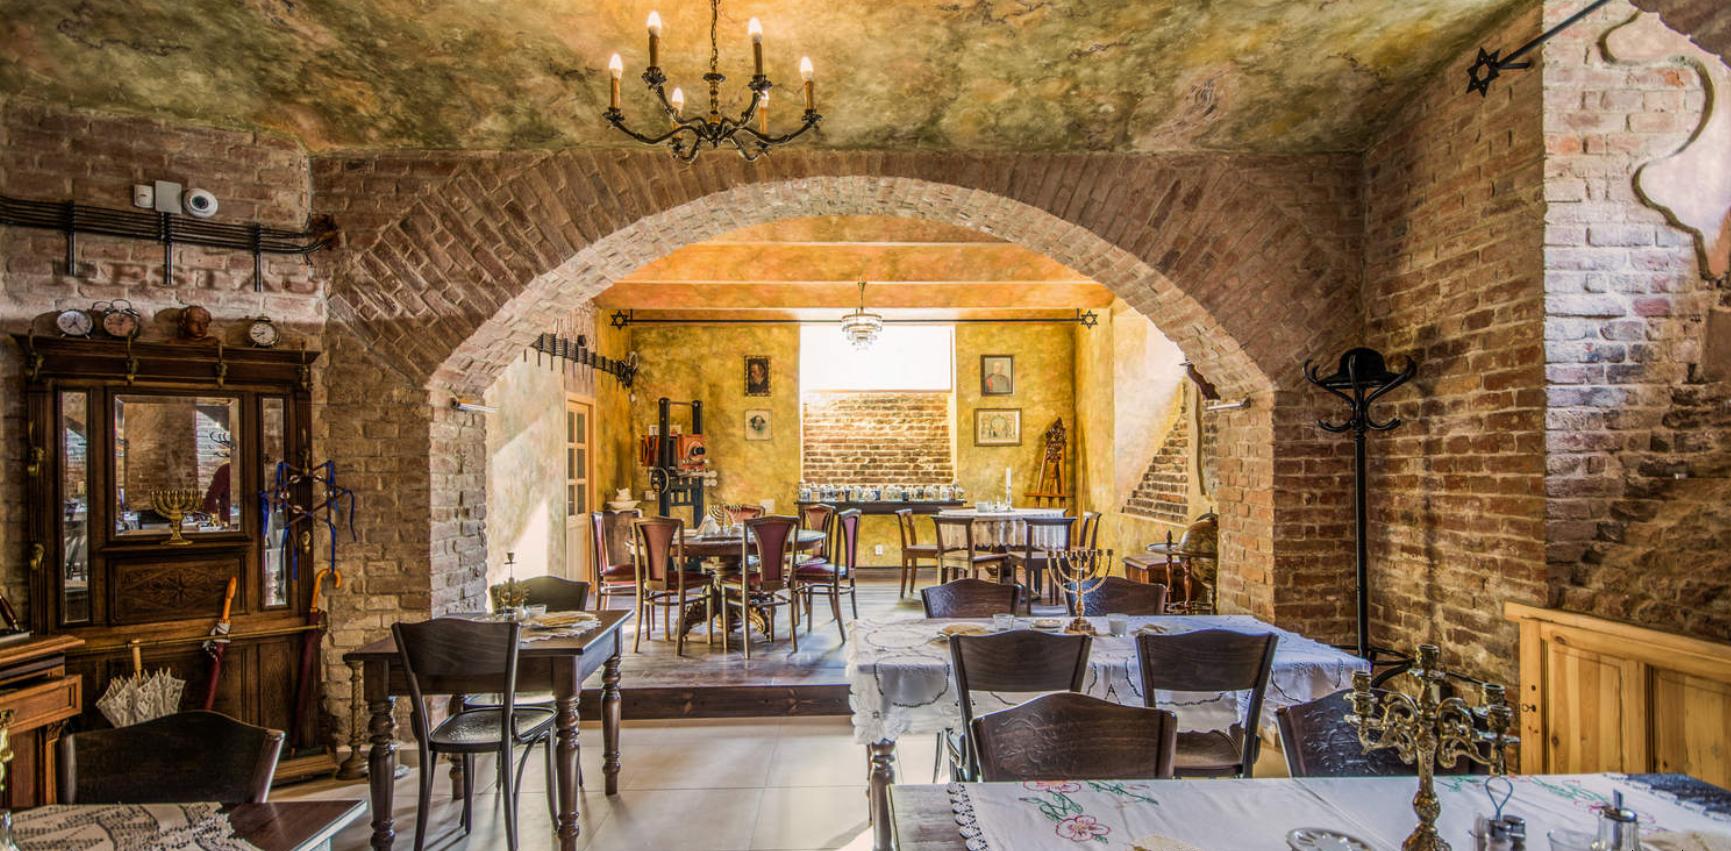 Židovská restaurace Stern 1888 Original Brno